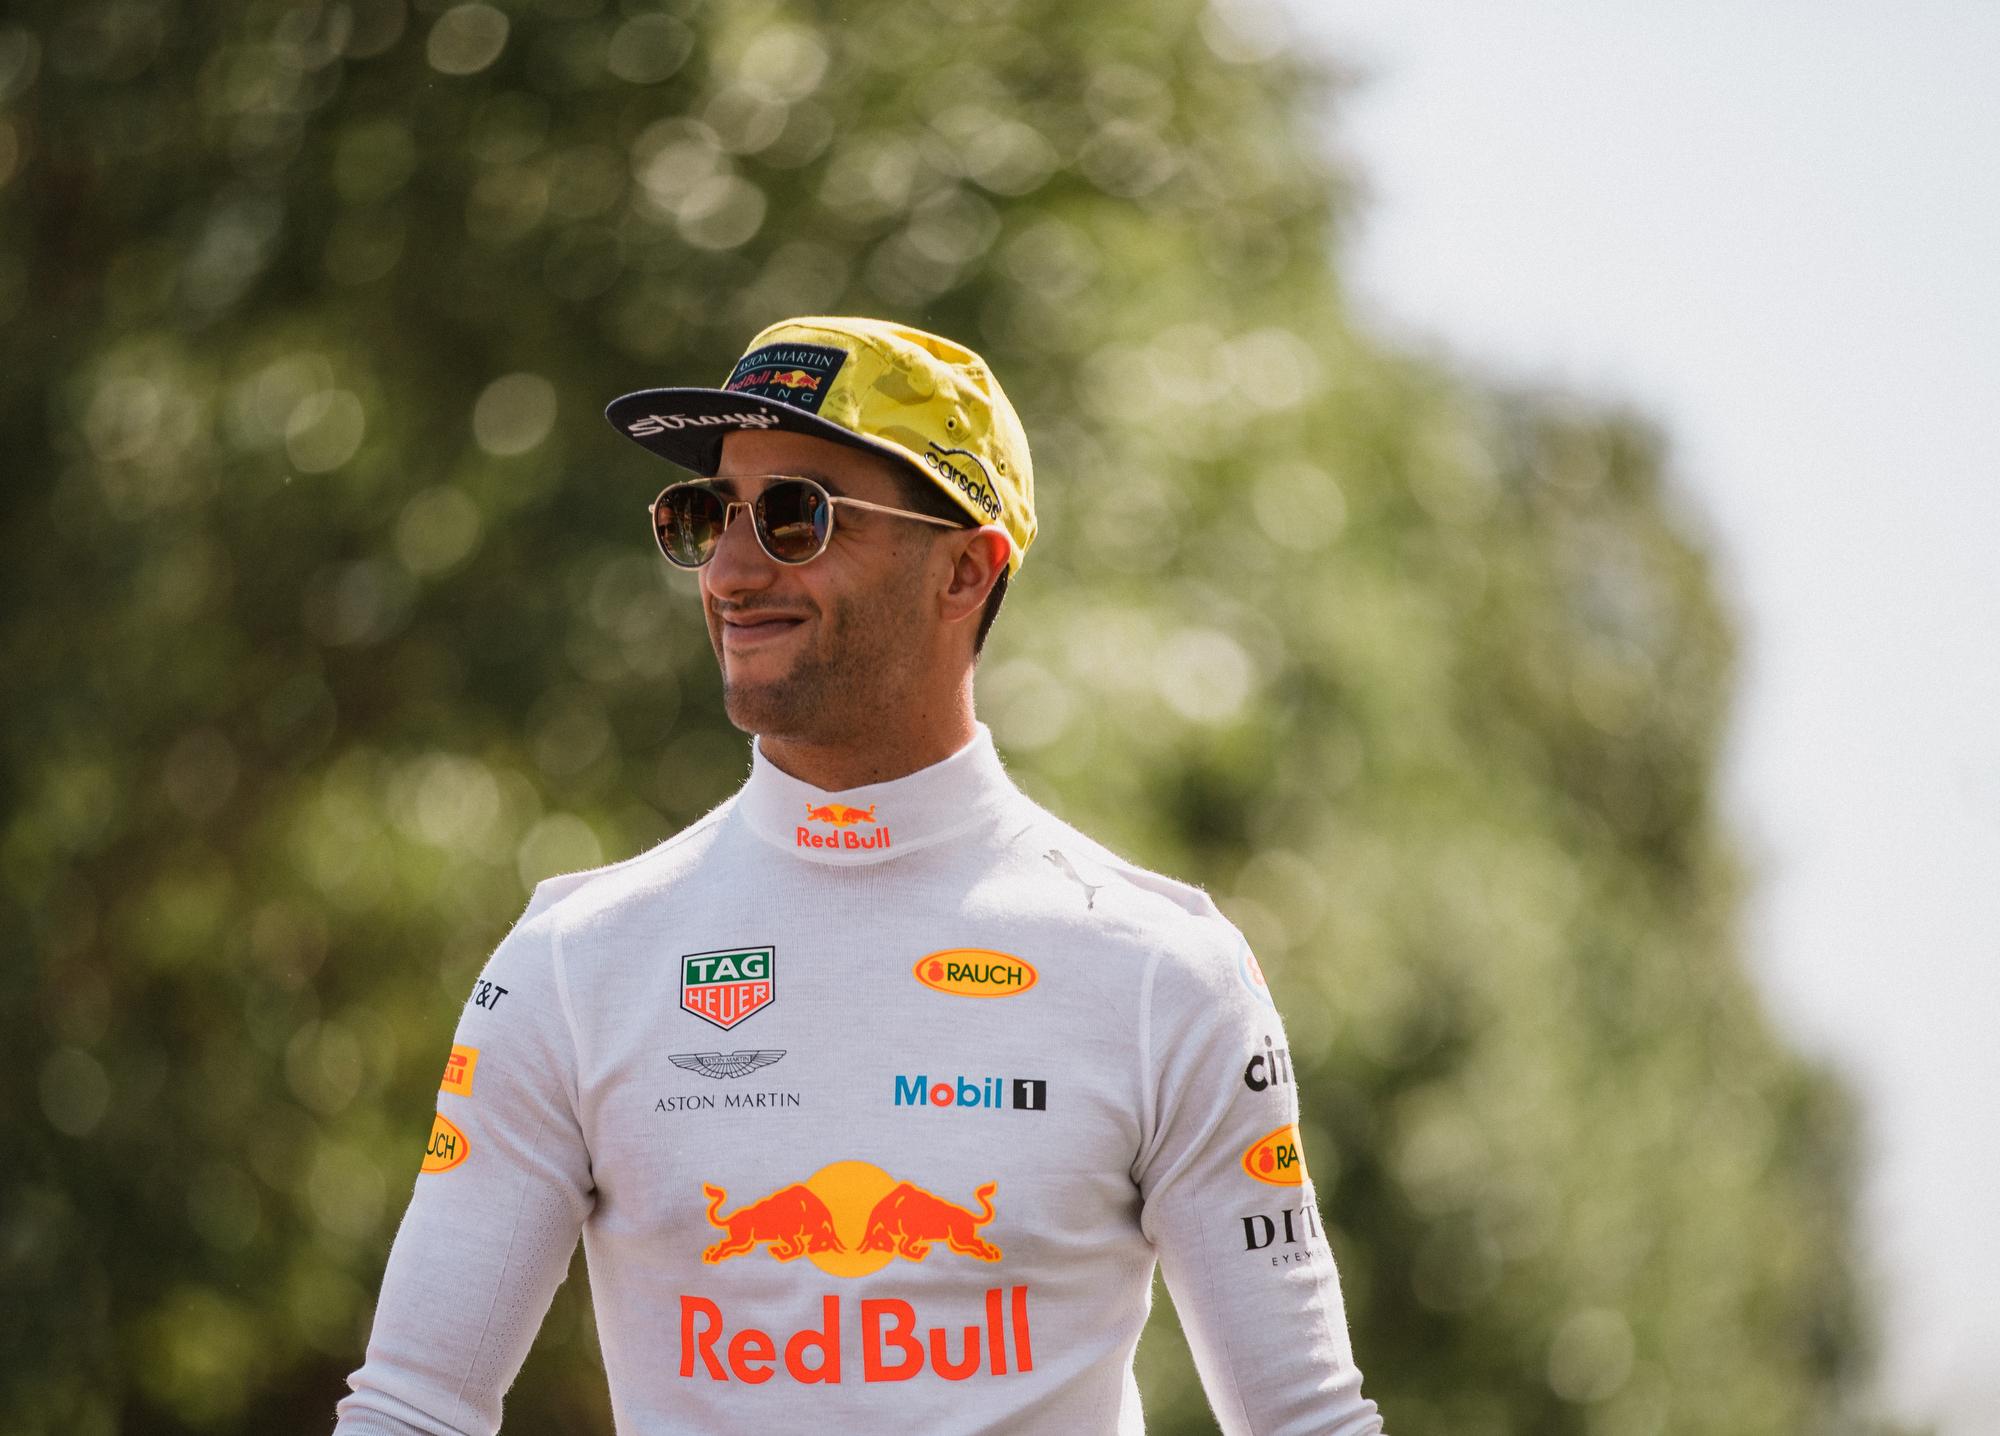 Daniel Ricciardo, Red Bull. 2018 FIA Formula 1 Championship, Albert Park, Melbourne, Victoria, Australia.